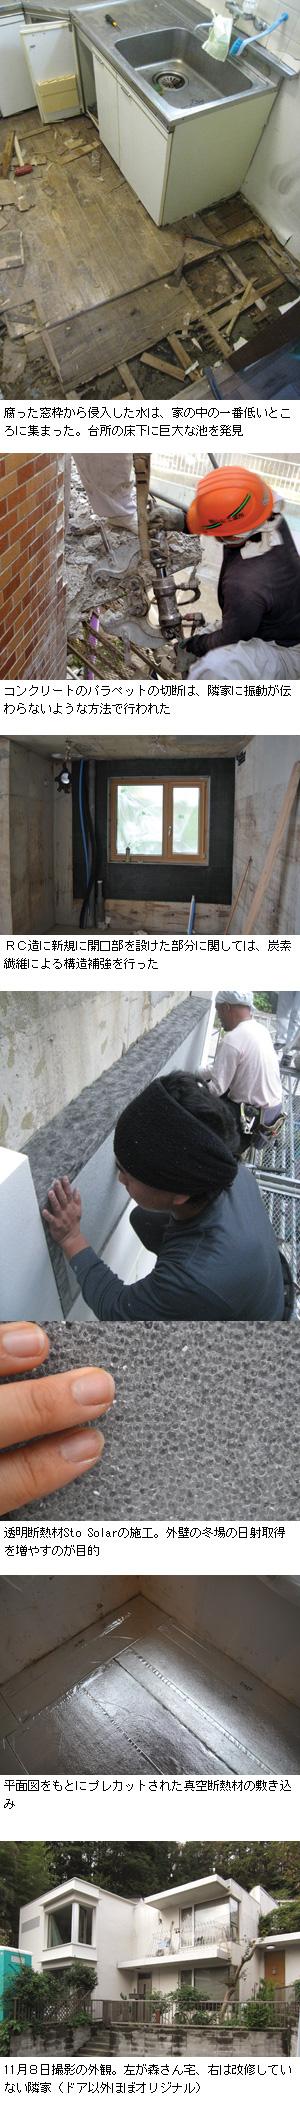 20111205_02_01.jpg